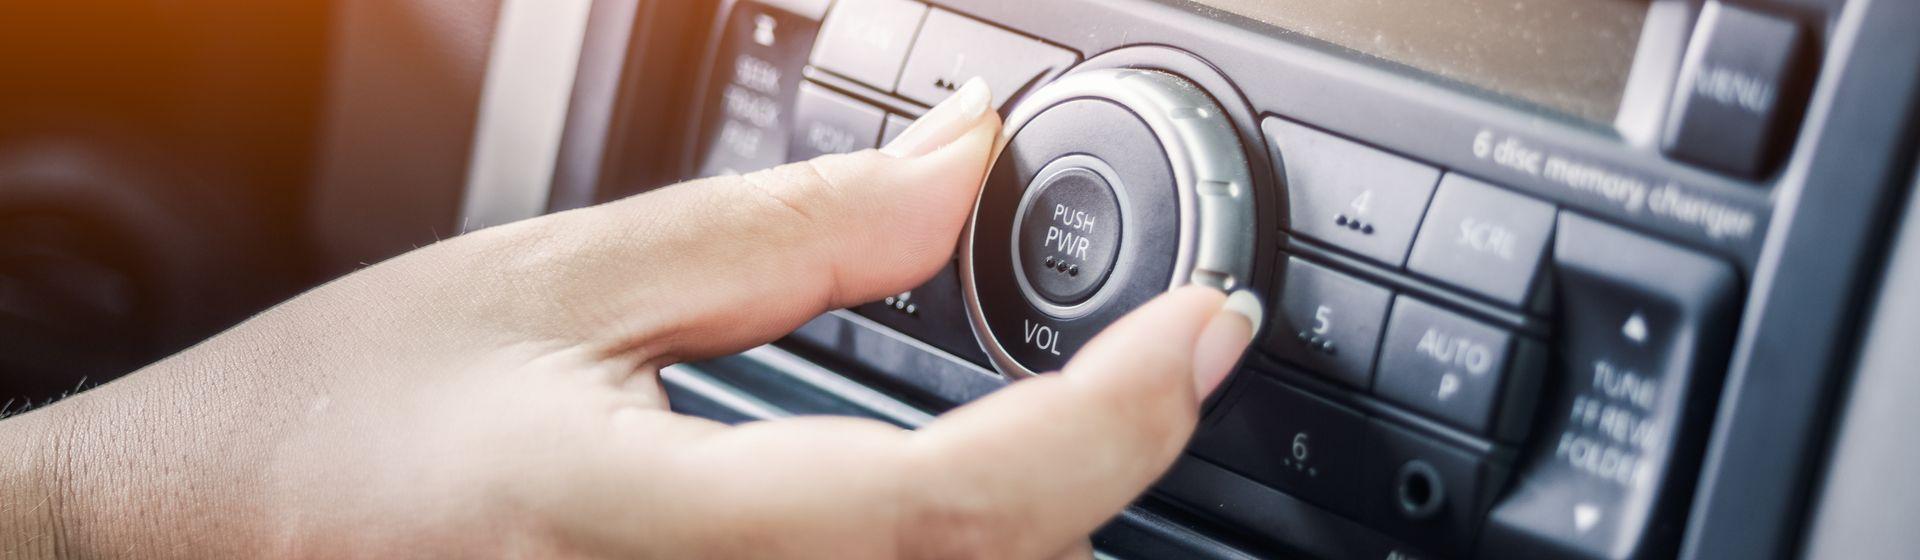 Som automotivo: veja as 10 melhores opções para comprar